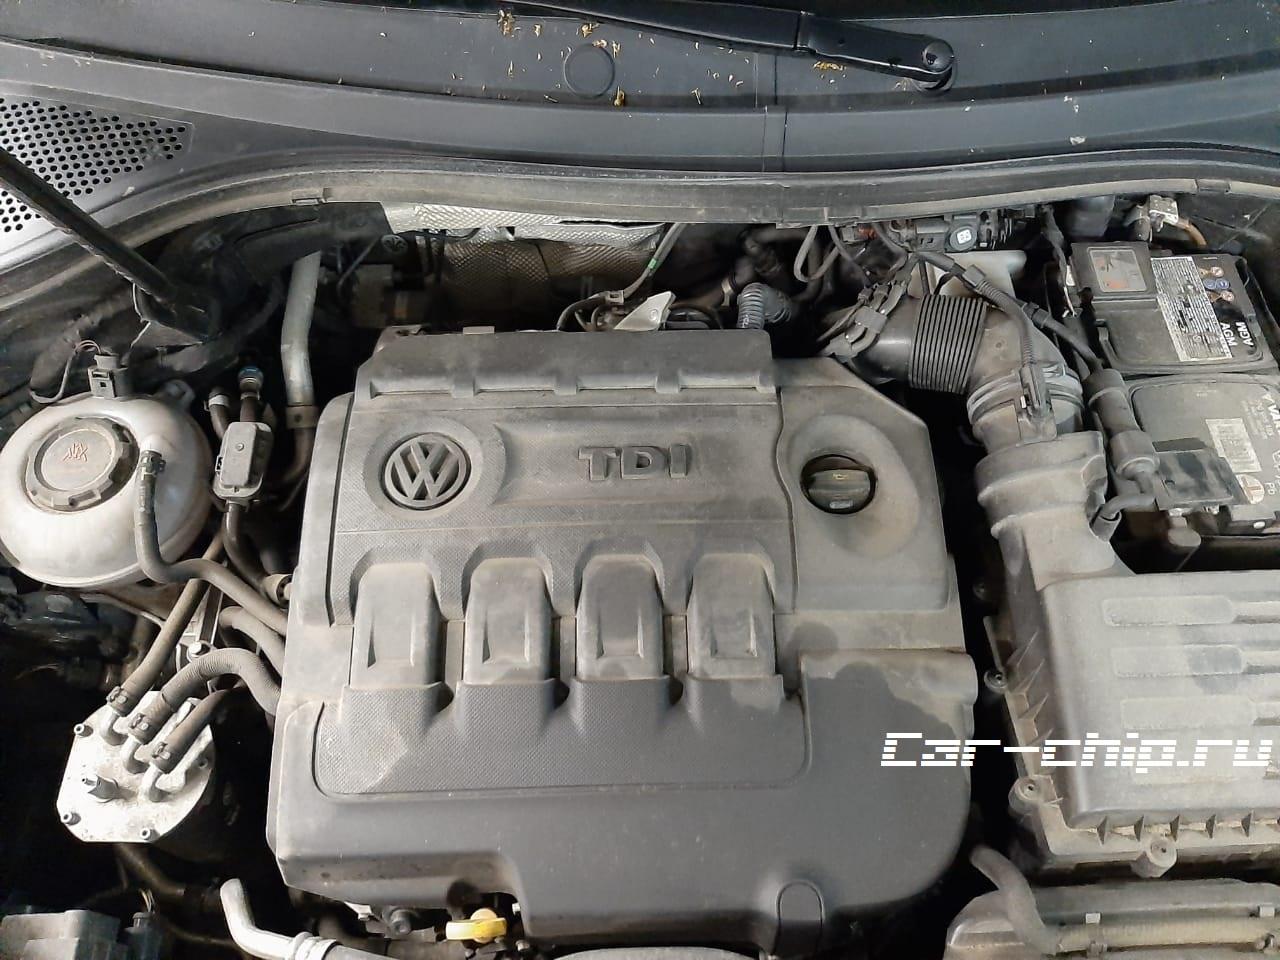 чип-тюнинг Volkswagen Tiguan 2.0 TDI2018 г.в. DBGC